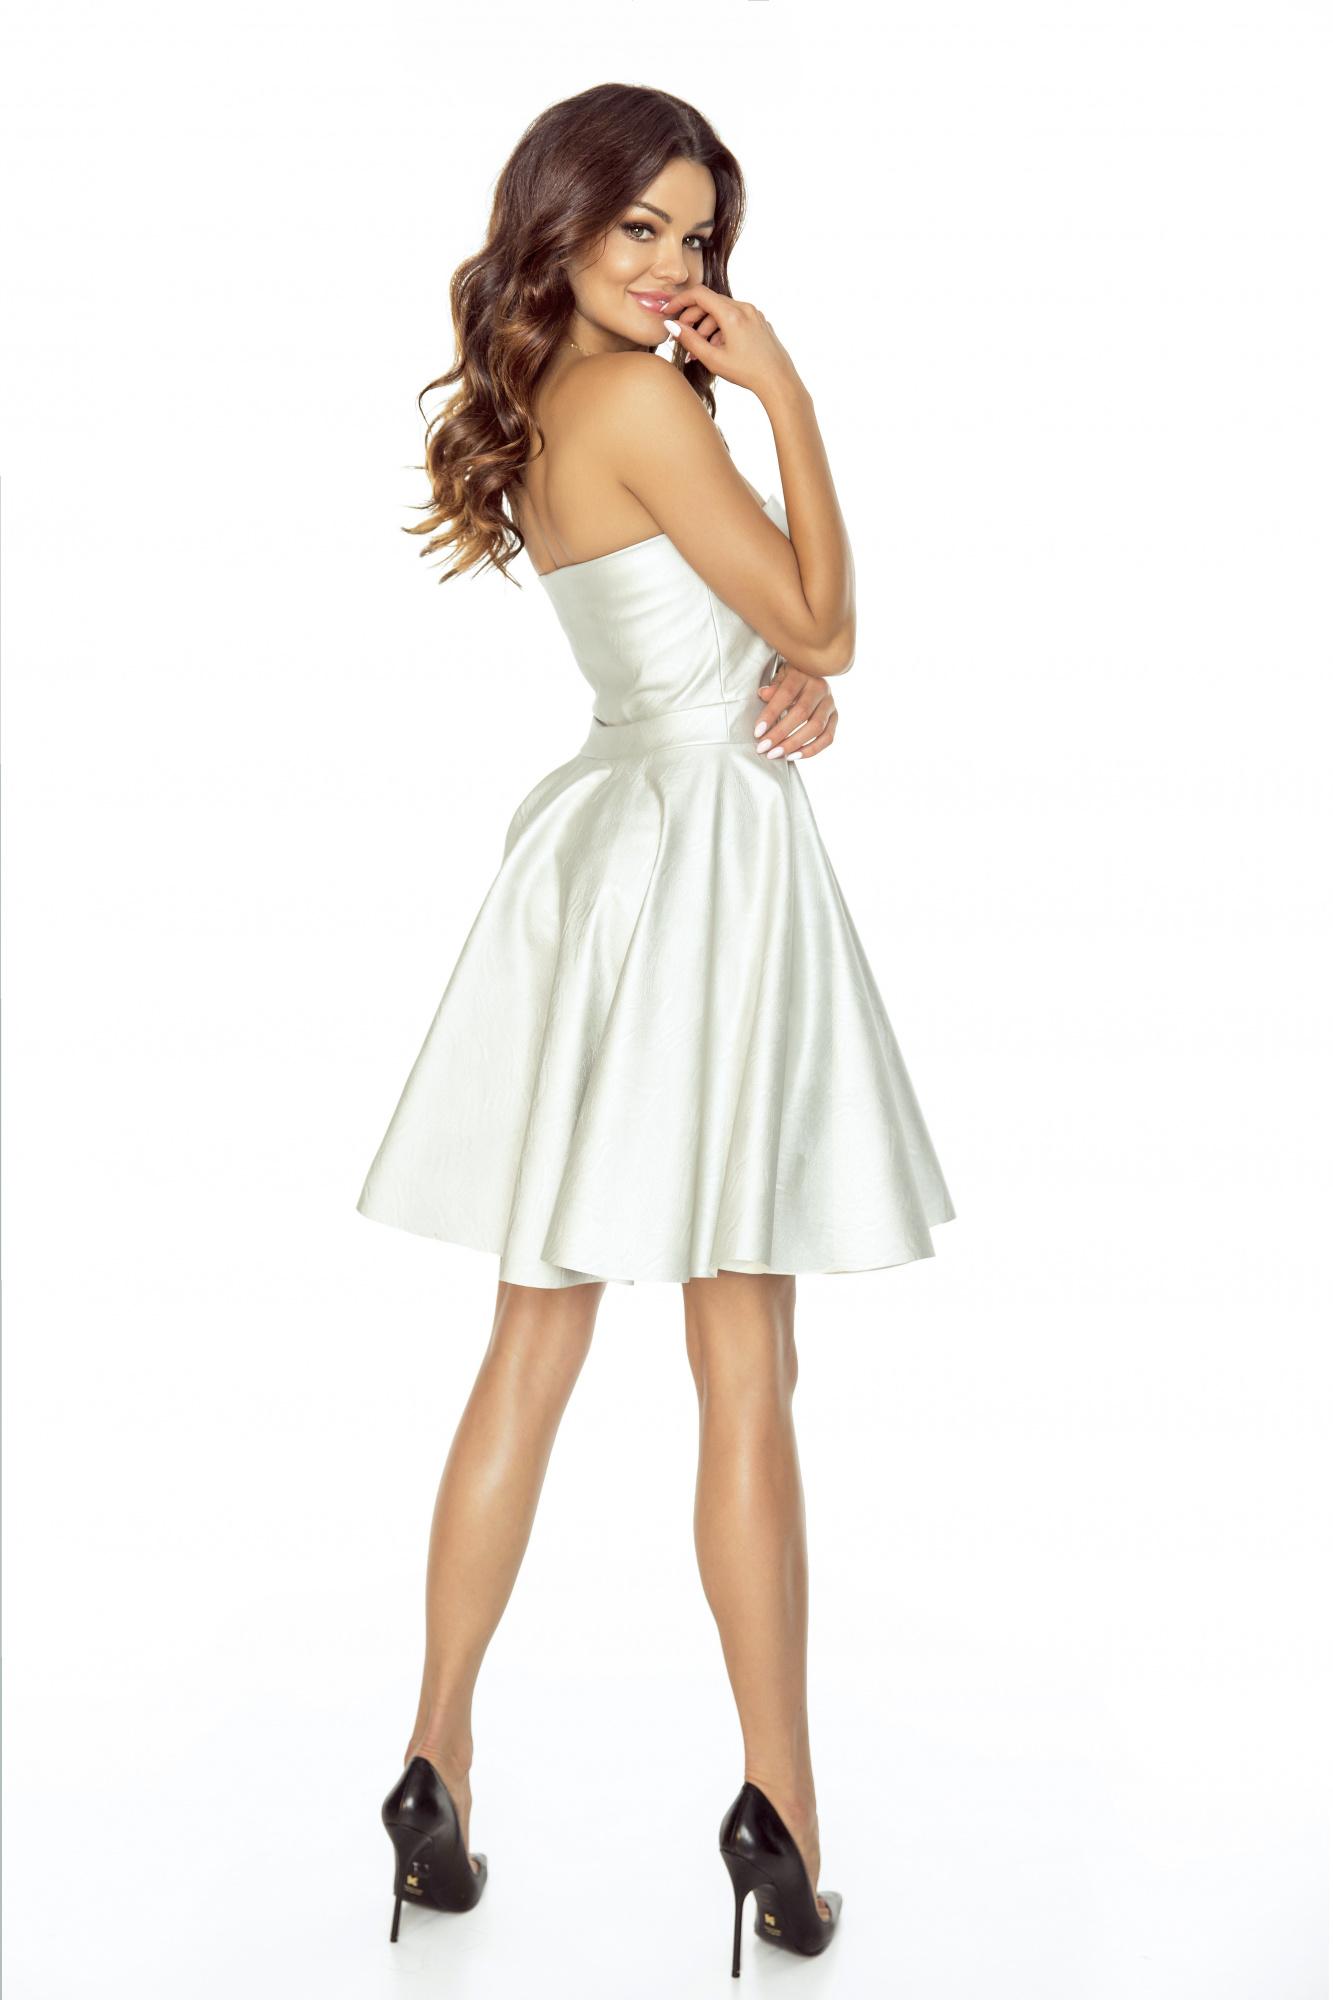 ee3d885202 Kartes Moda - sukienka dobra na wszystko! - shapemeup